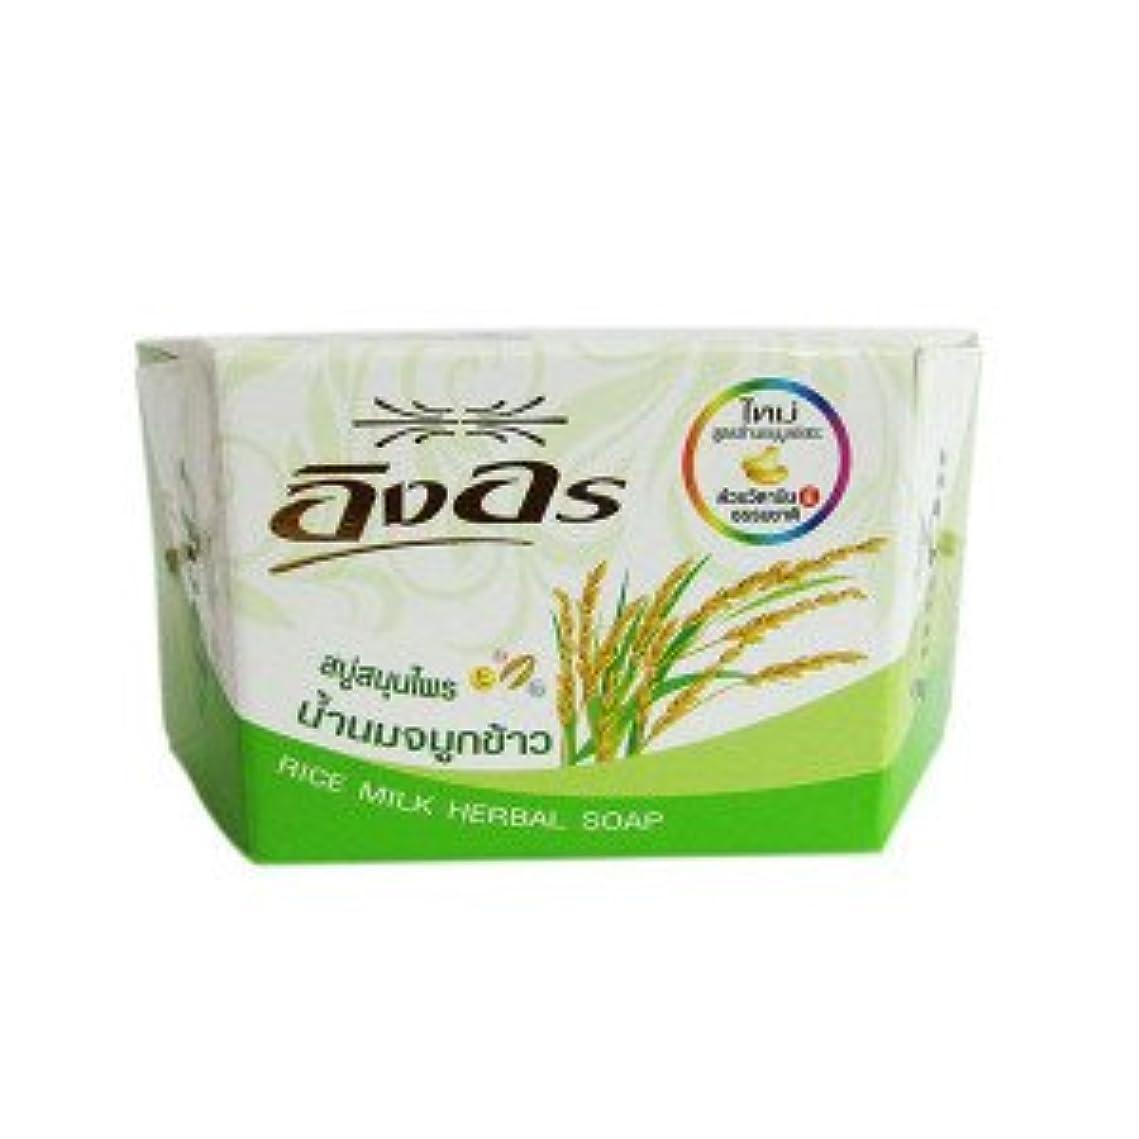 最大作り言い直すイングオン イングオンソープ ライスミルク 85g